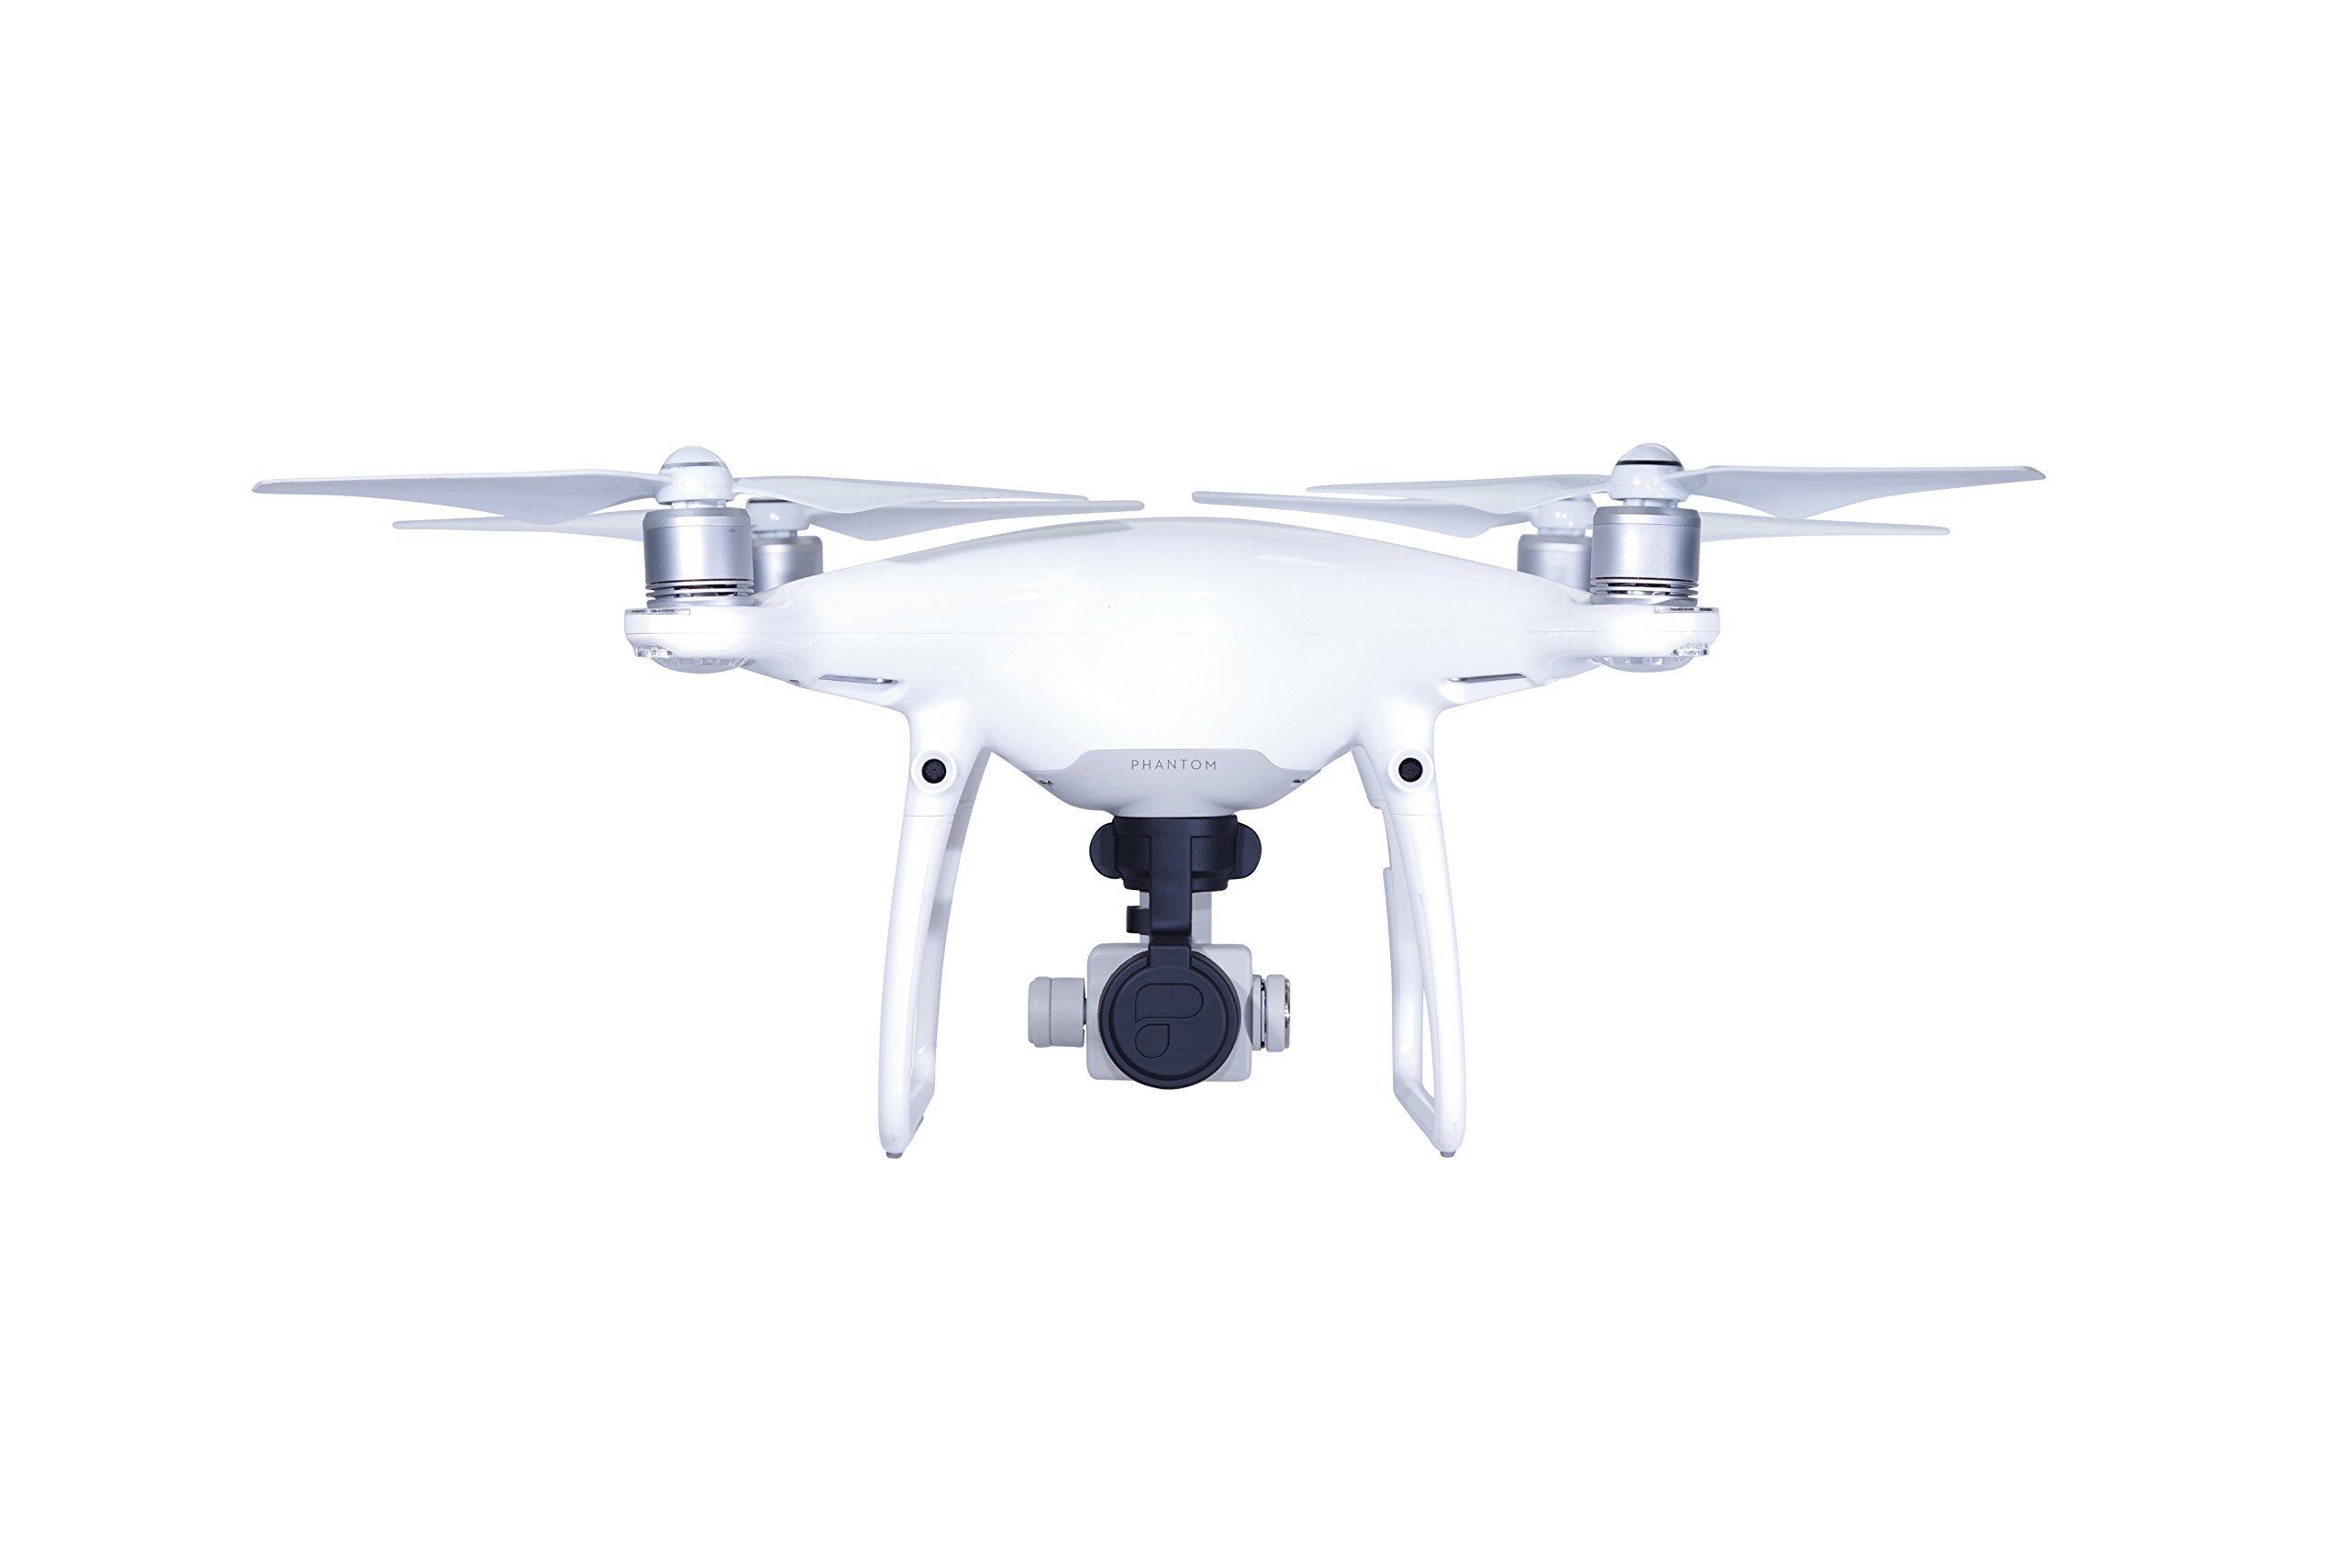 Nắp Chụp Bảo Vệ Gimbal Phantom 4 Pro Lens Cover Lock PolarPro- Hàng Chính Hãng